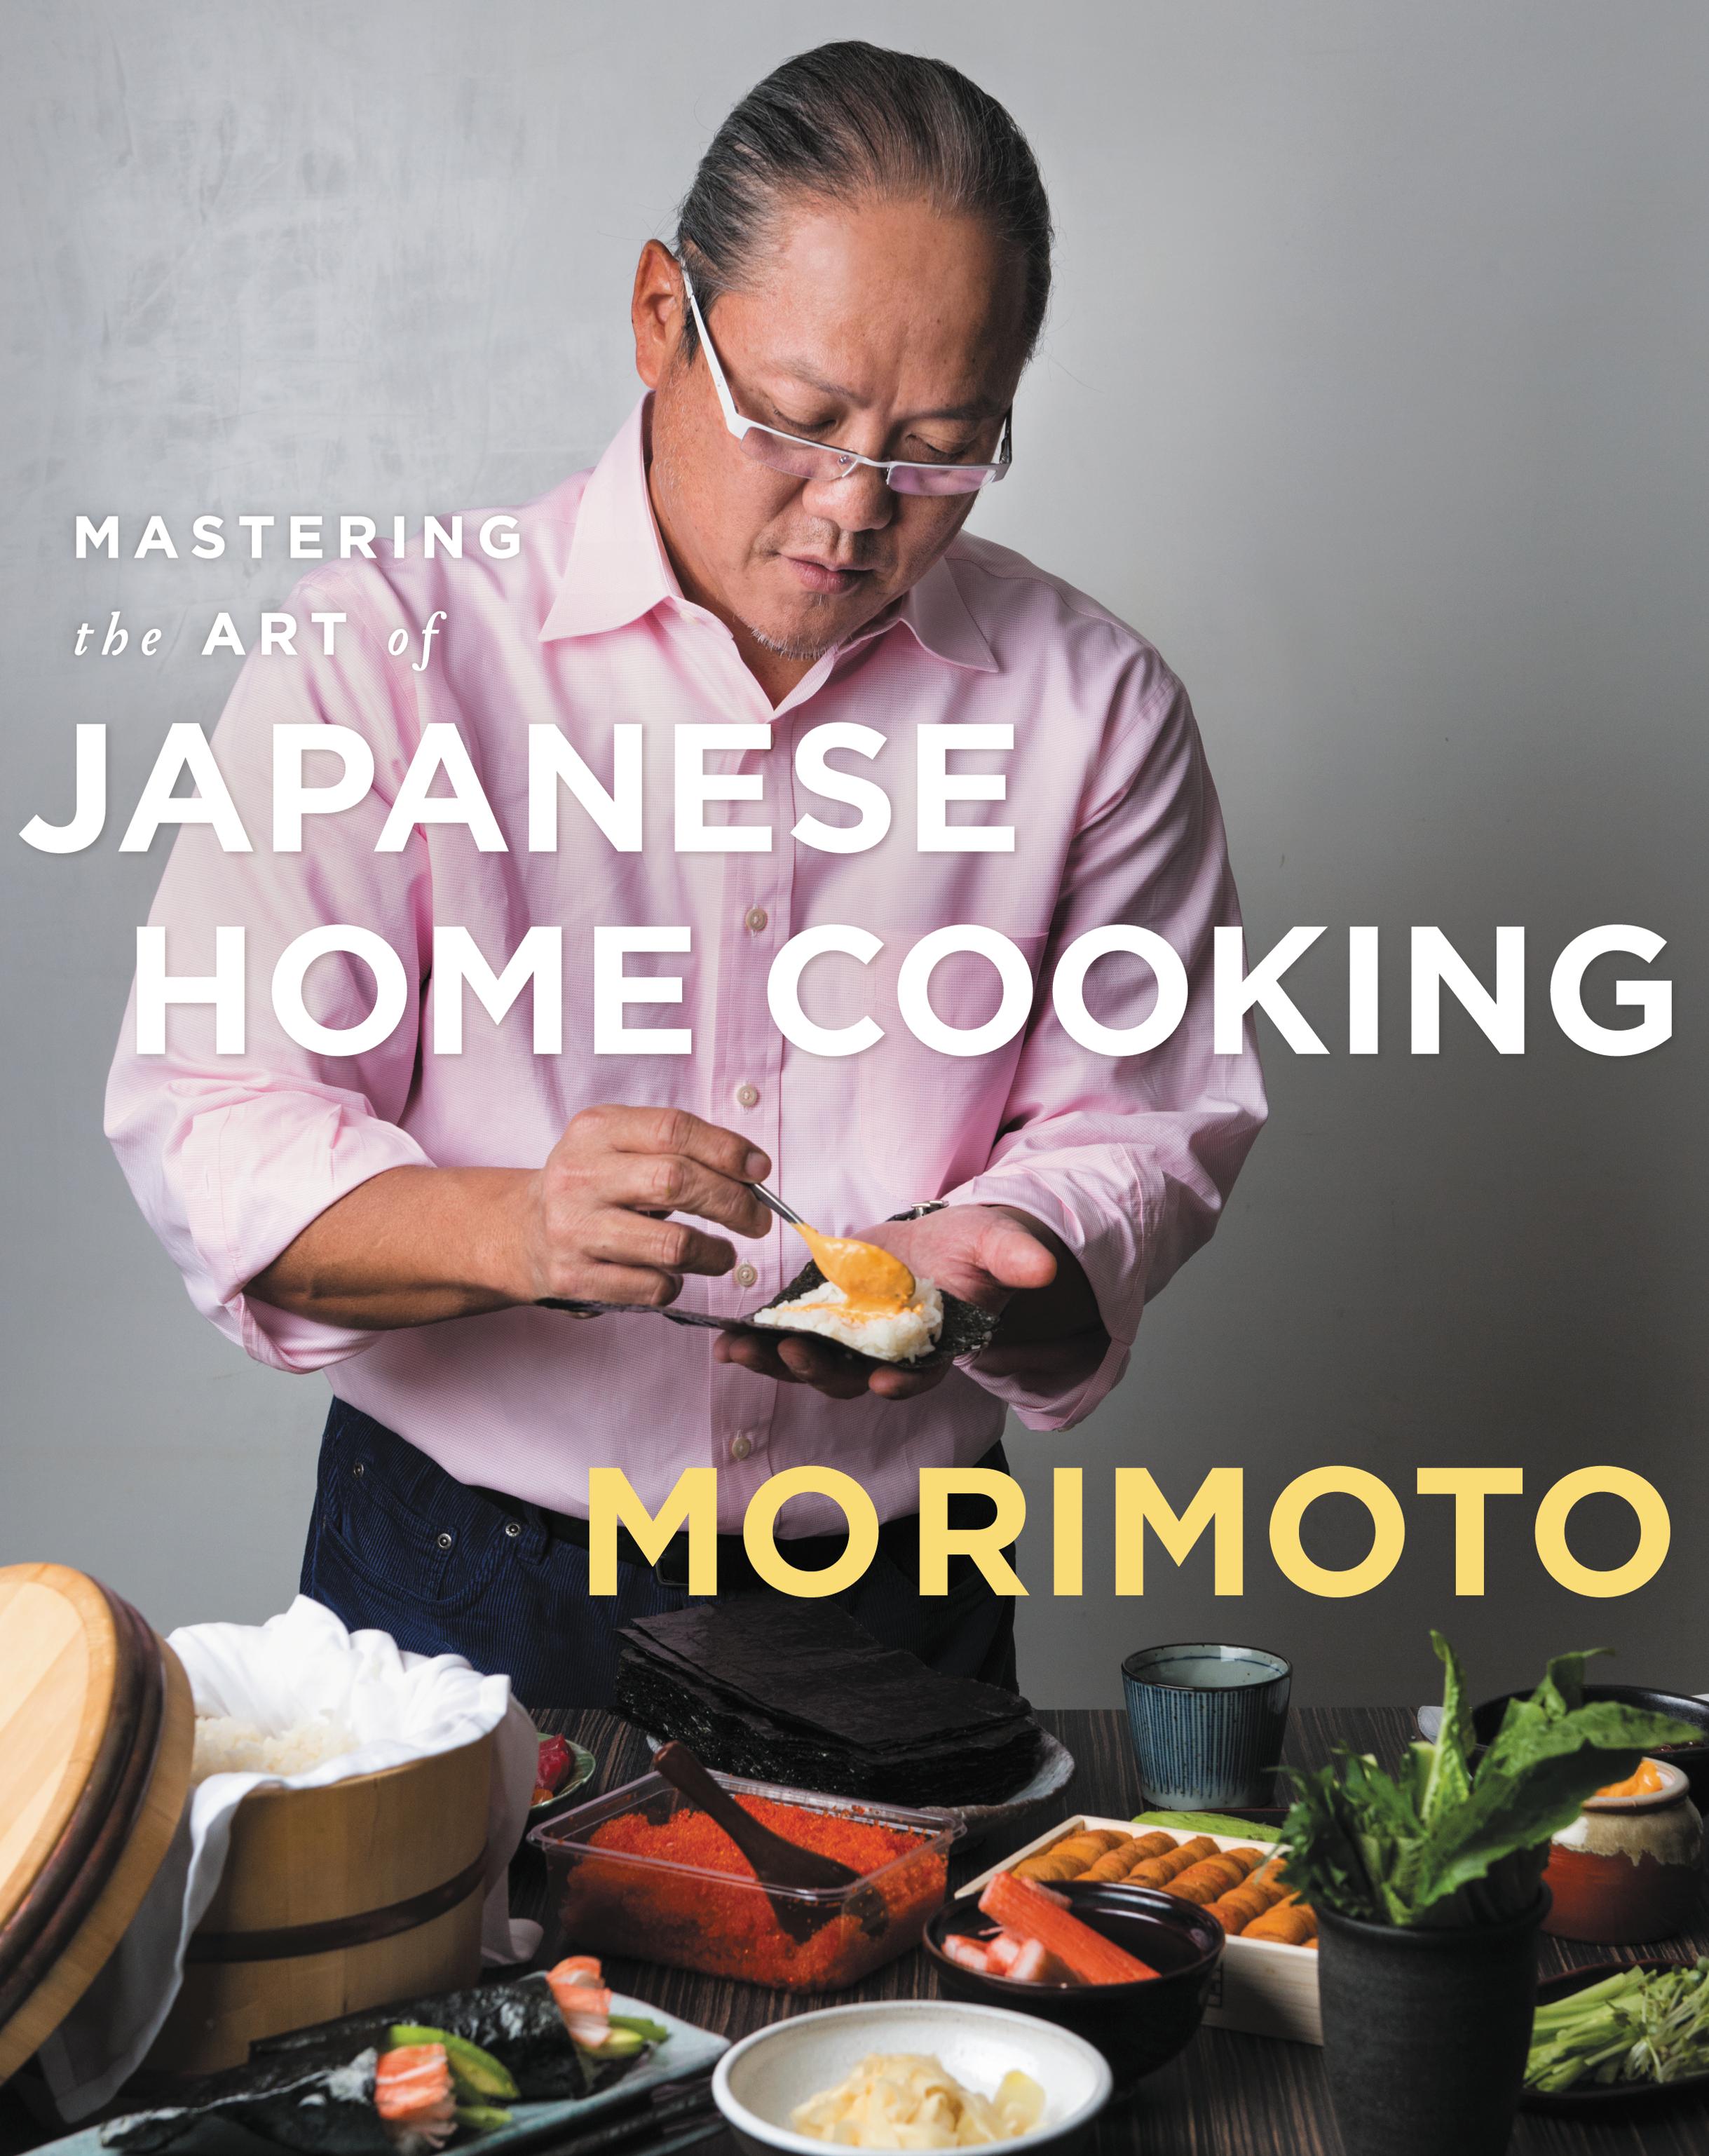 Morimoto cookbook